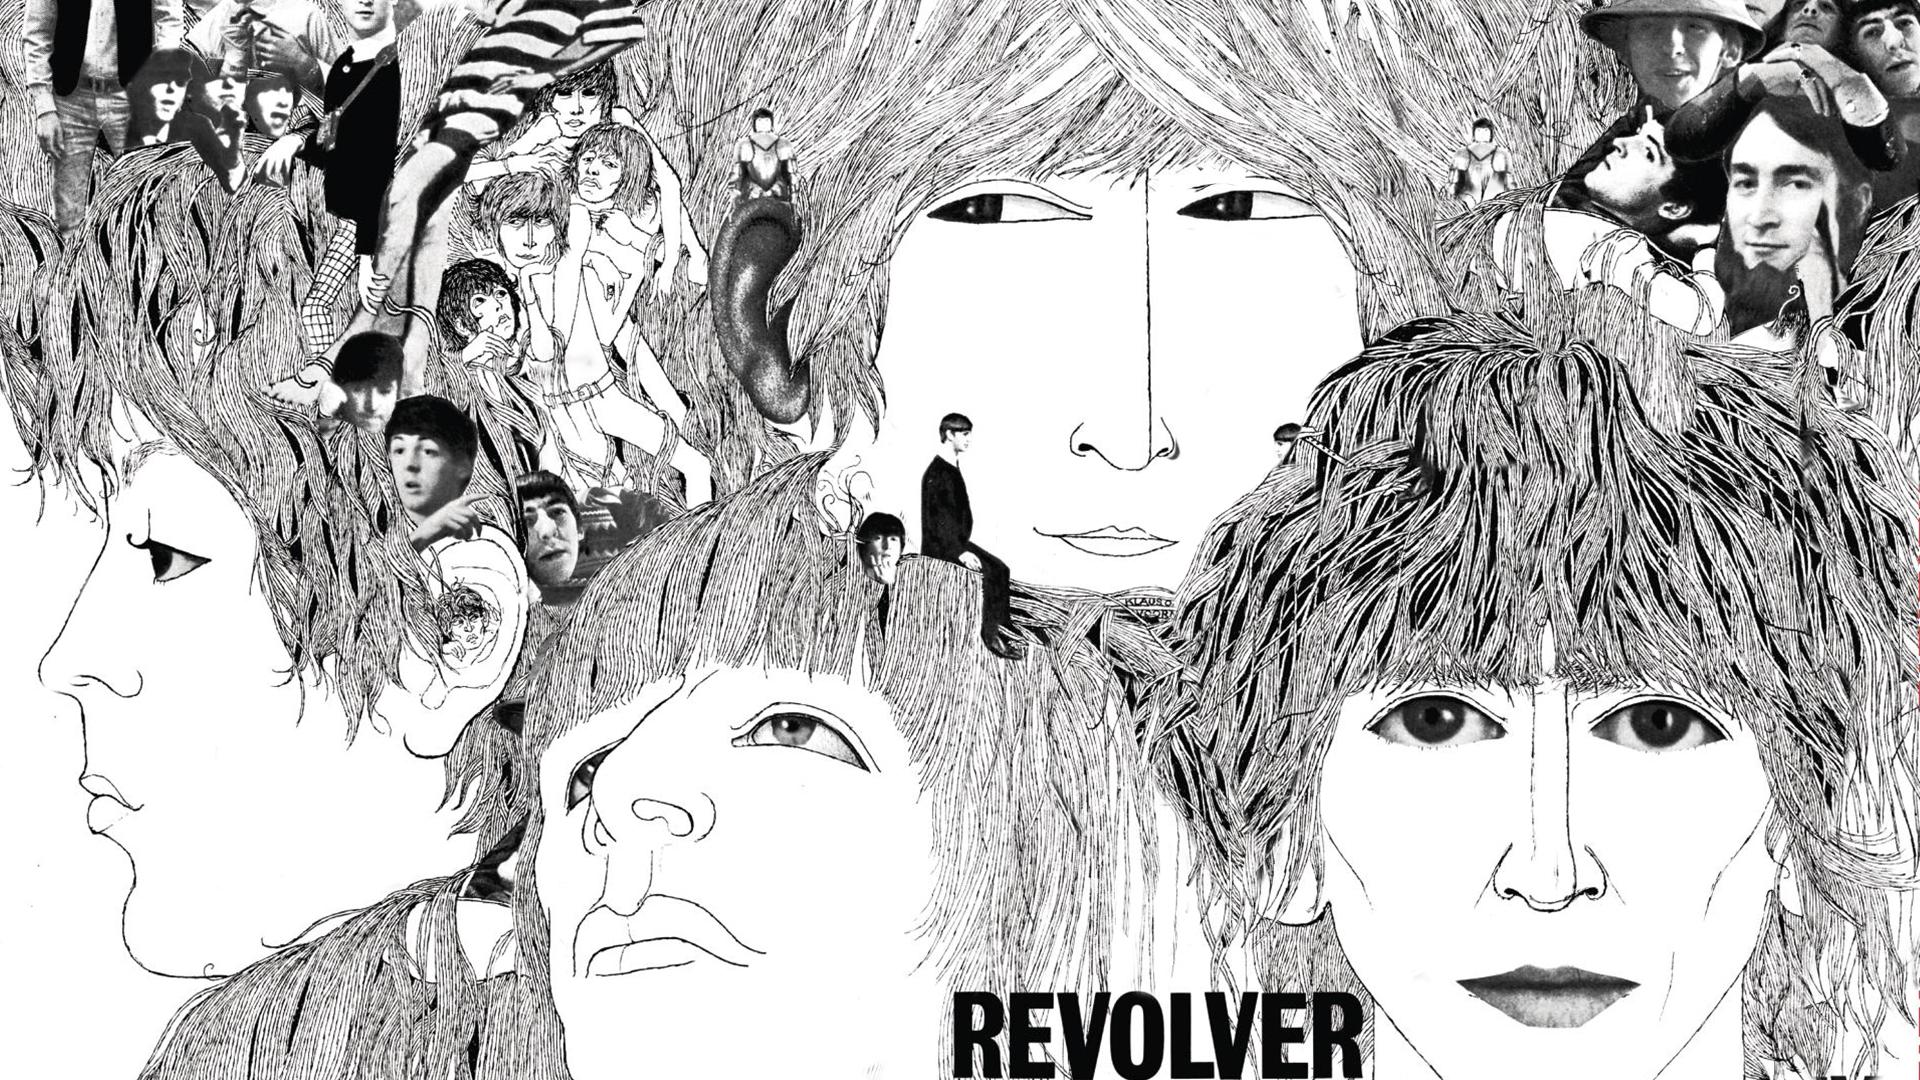 Beatles Revolver platenhoes lijkt een beetje op Zentangle